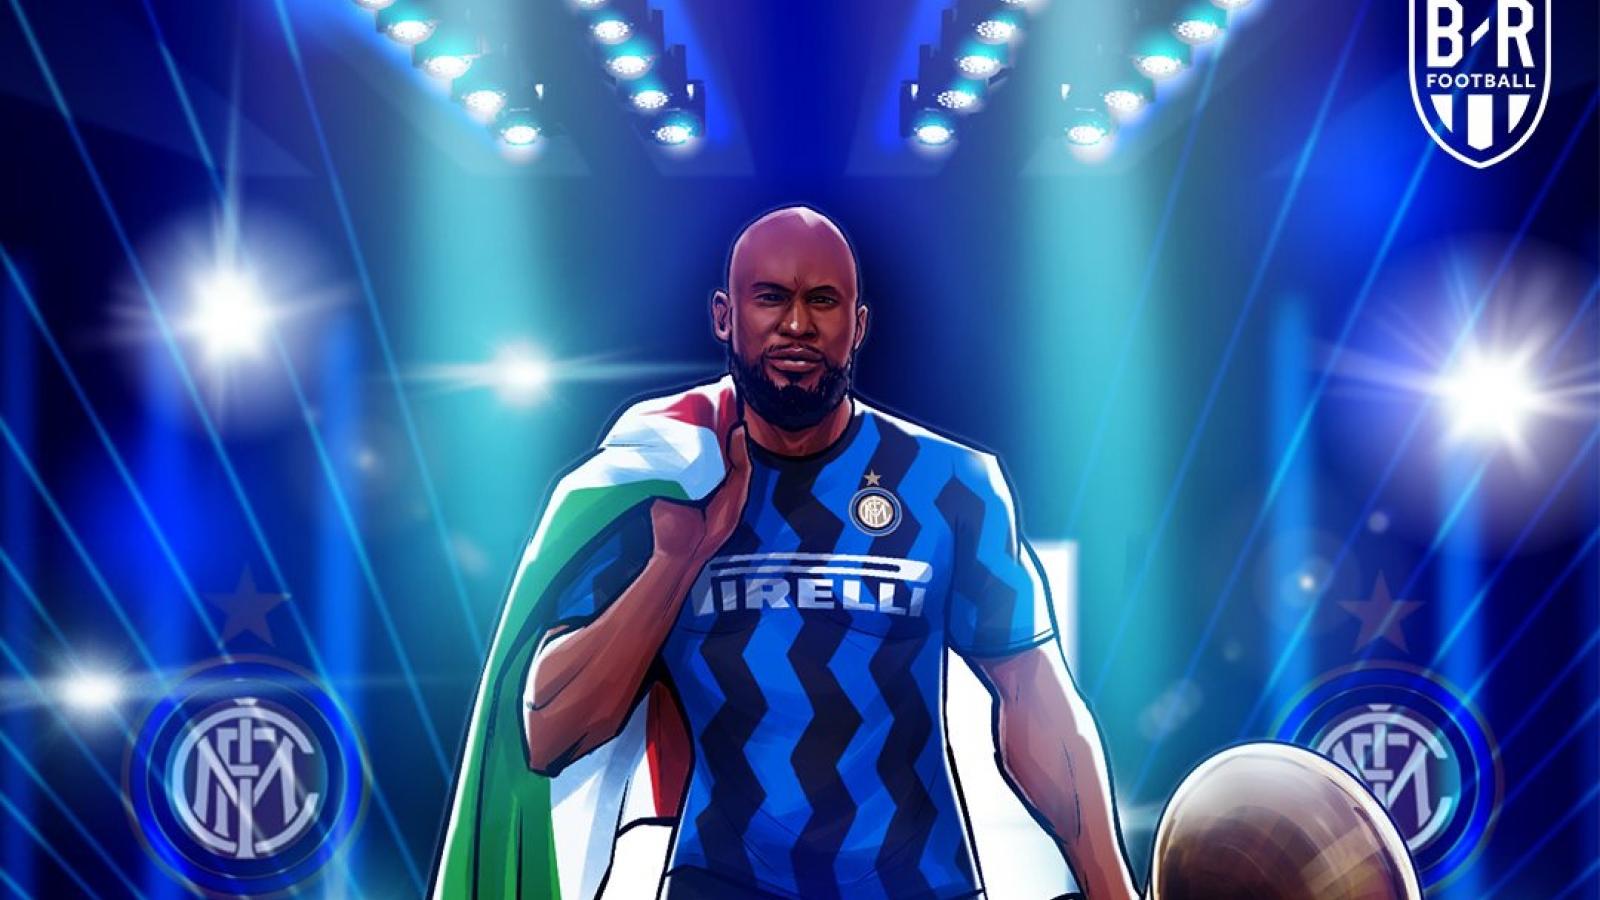 Biếm họa 24h: Lukaku trở thành ngôi sao đích thực